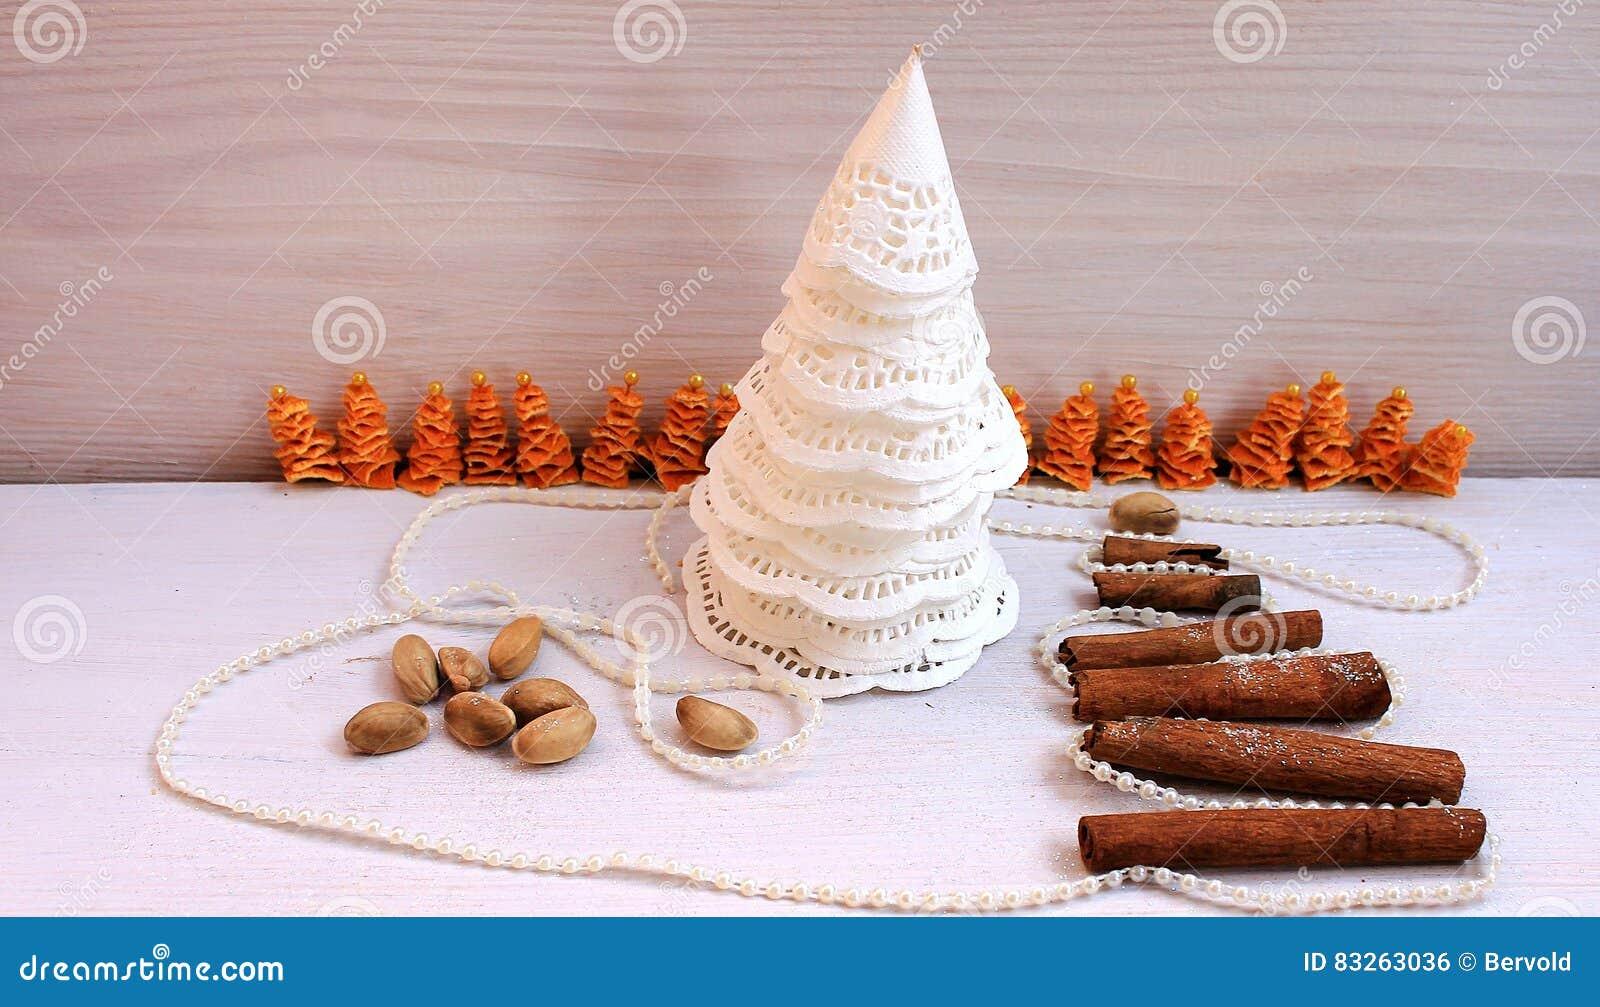 Рождественская елка сделанная из бумаги, циннамона, состава Нового Года фисташки